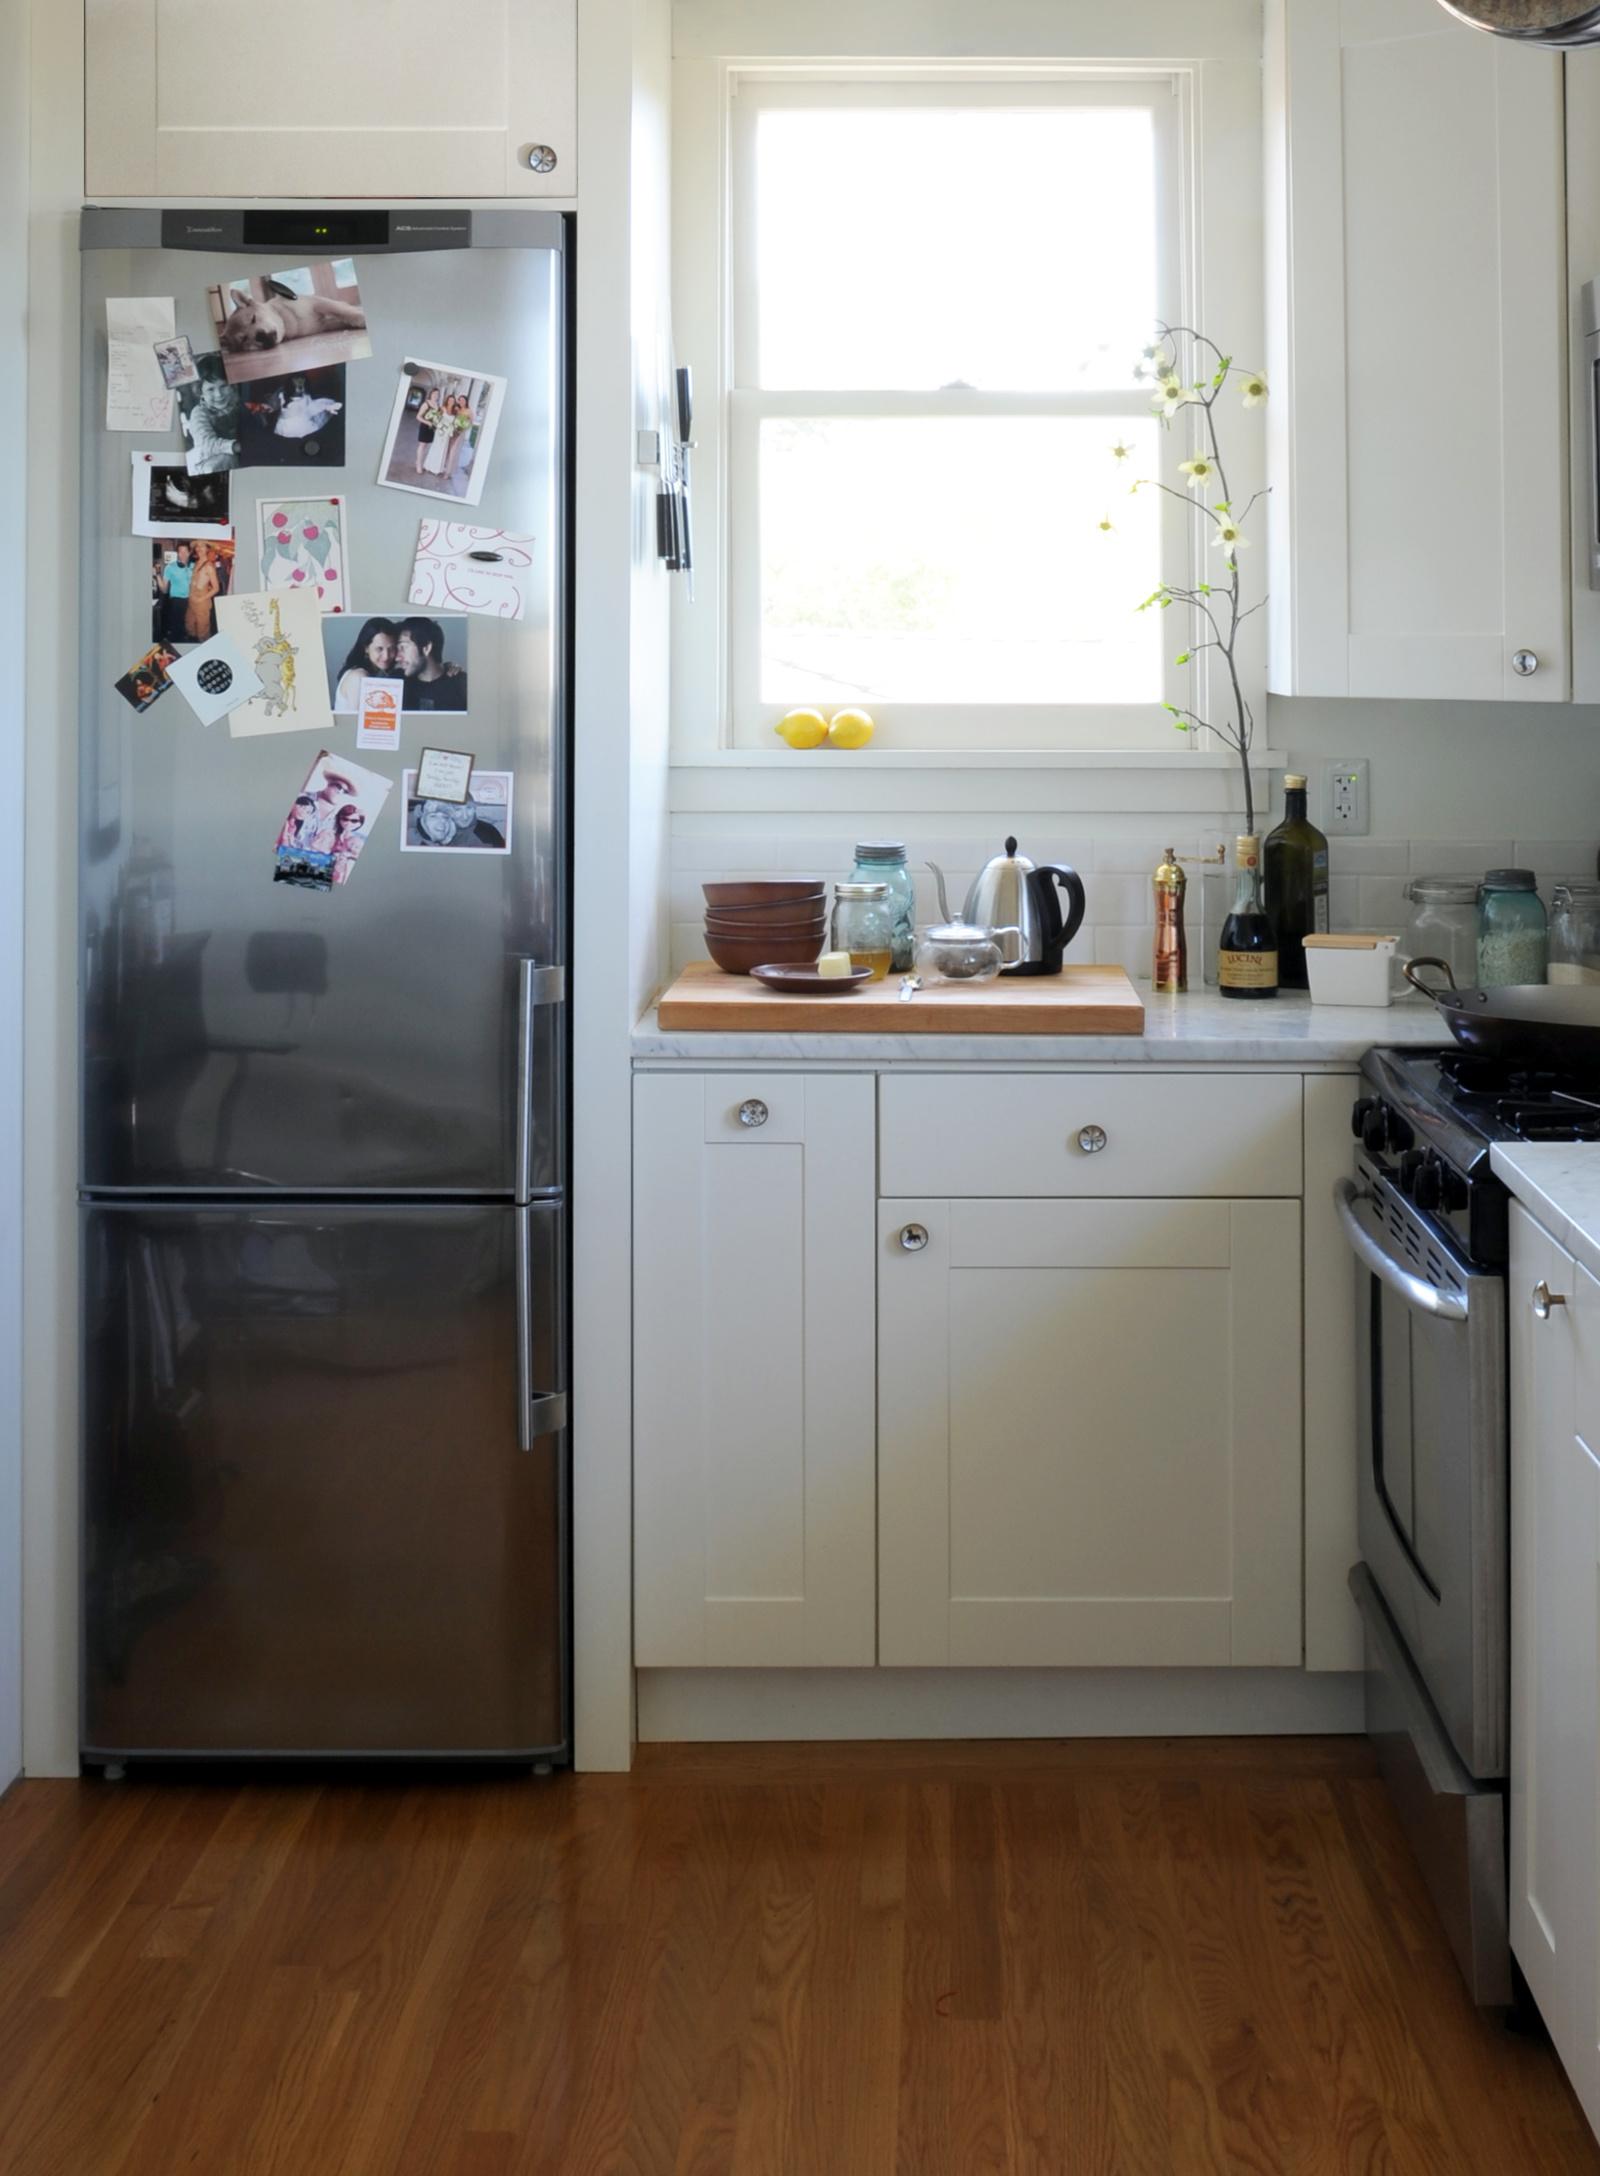 Холодильник под окном в хрущевке